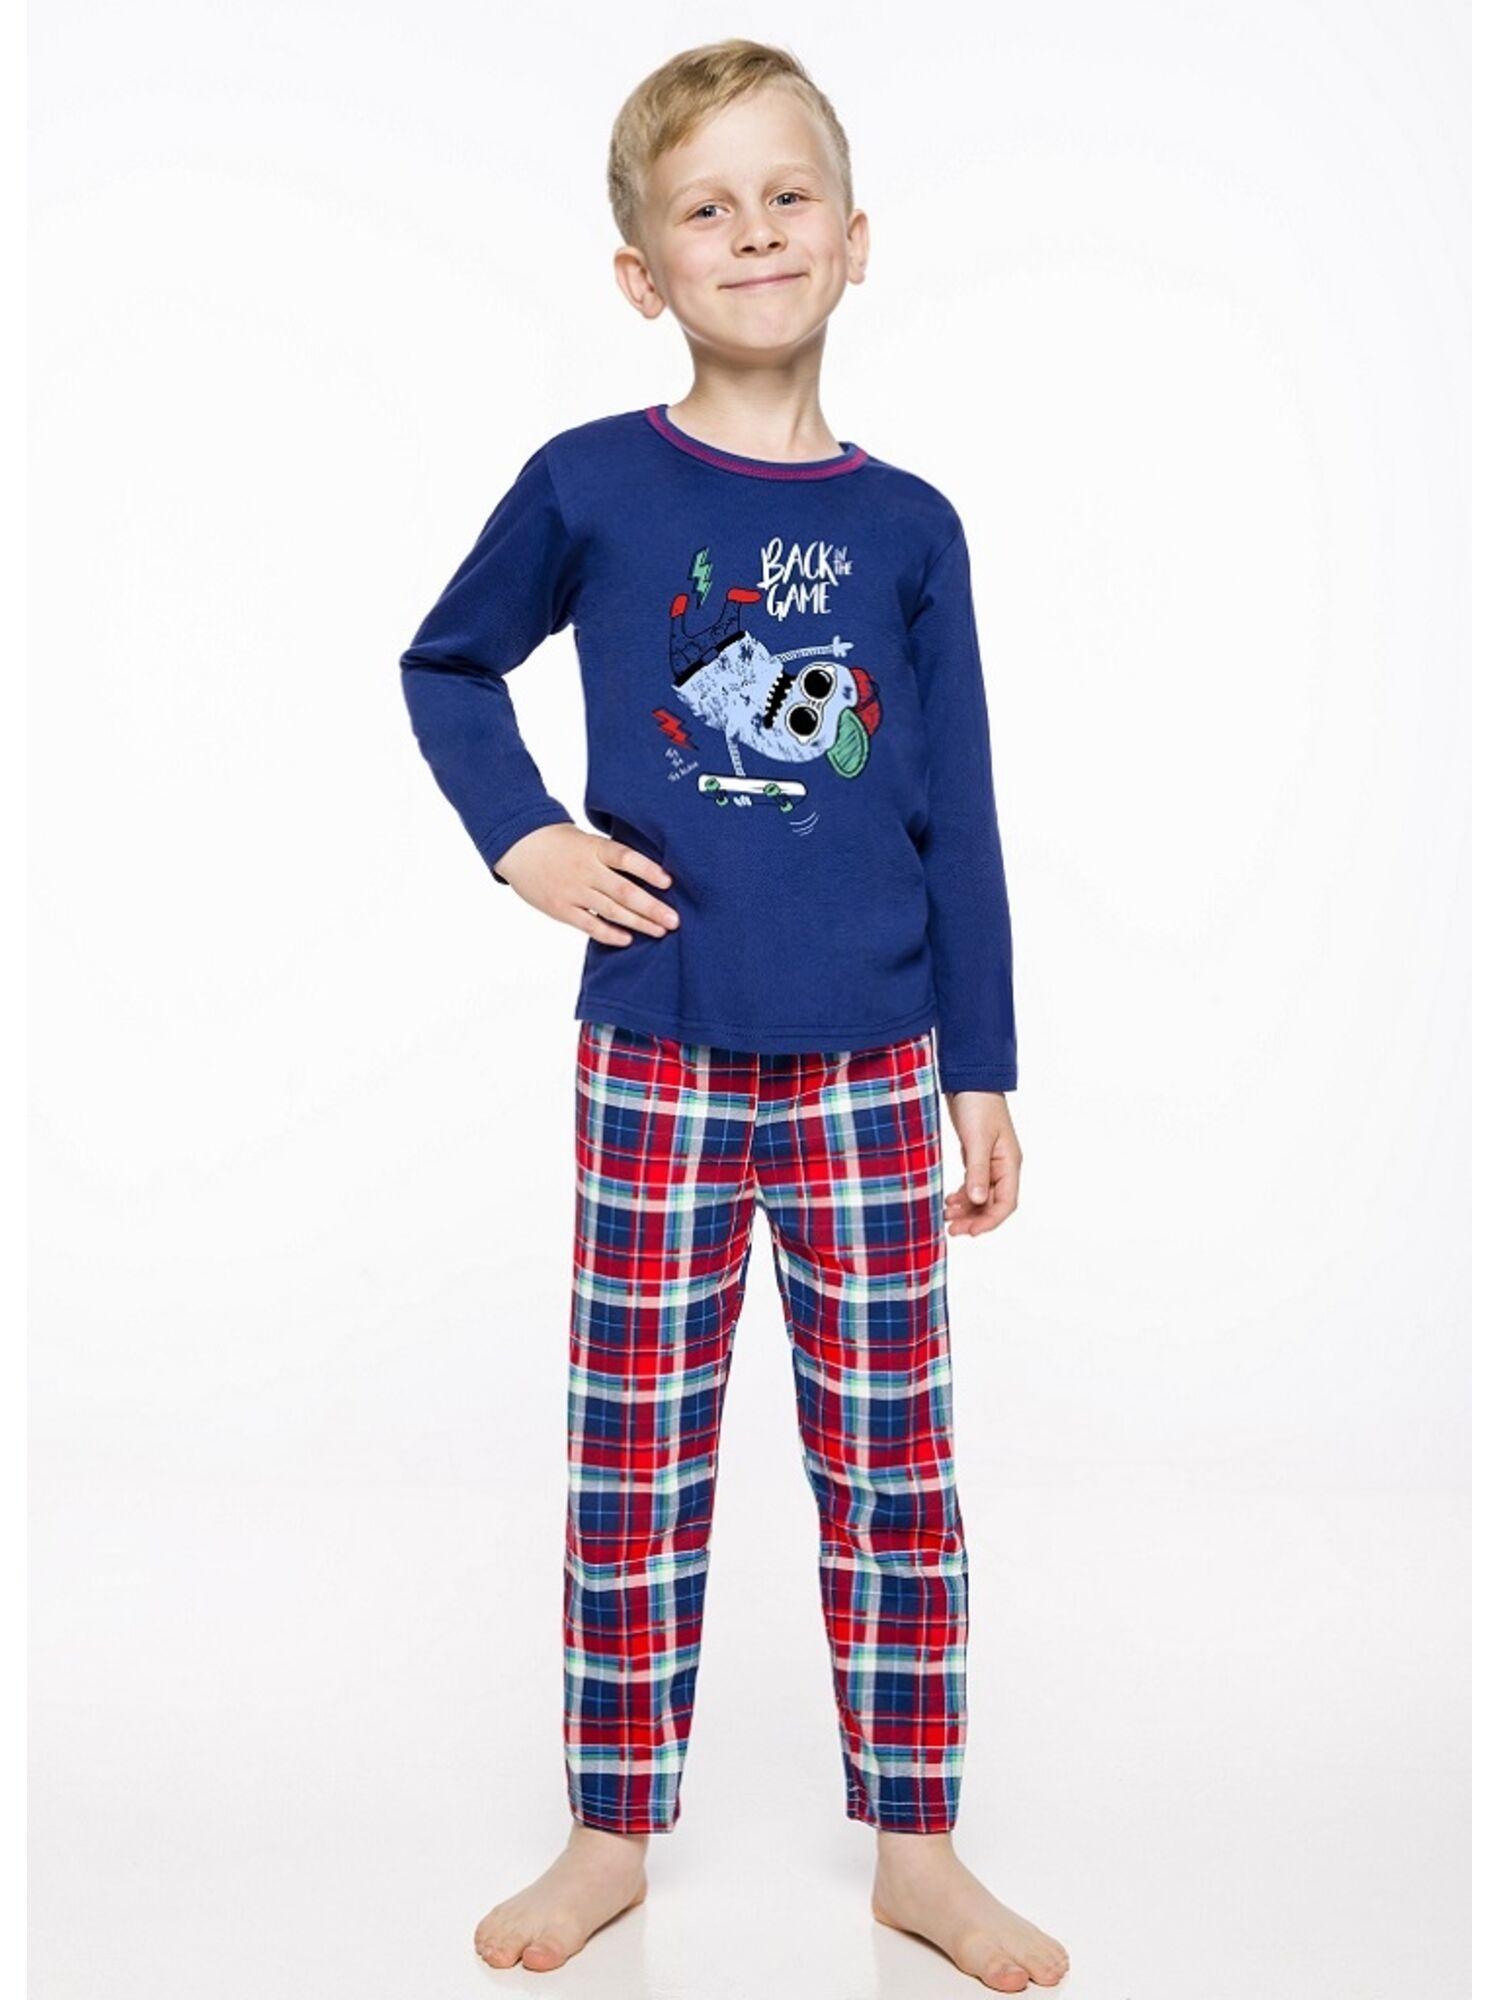 Пижама детская на мальчика 2342/2343 19/20 LEO синий/красный, Taro